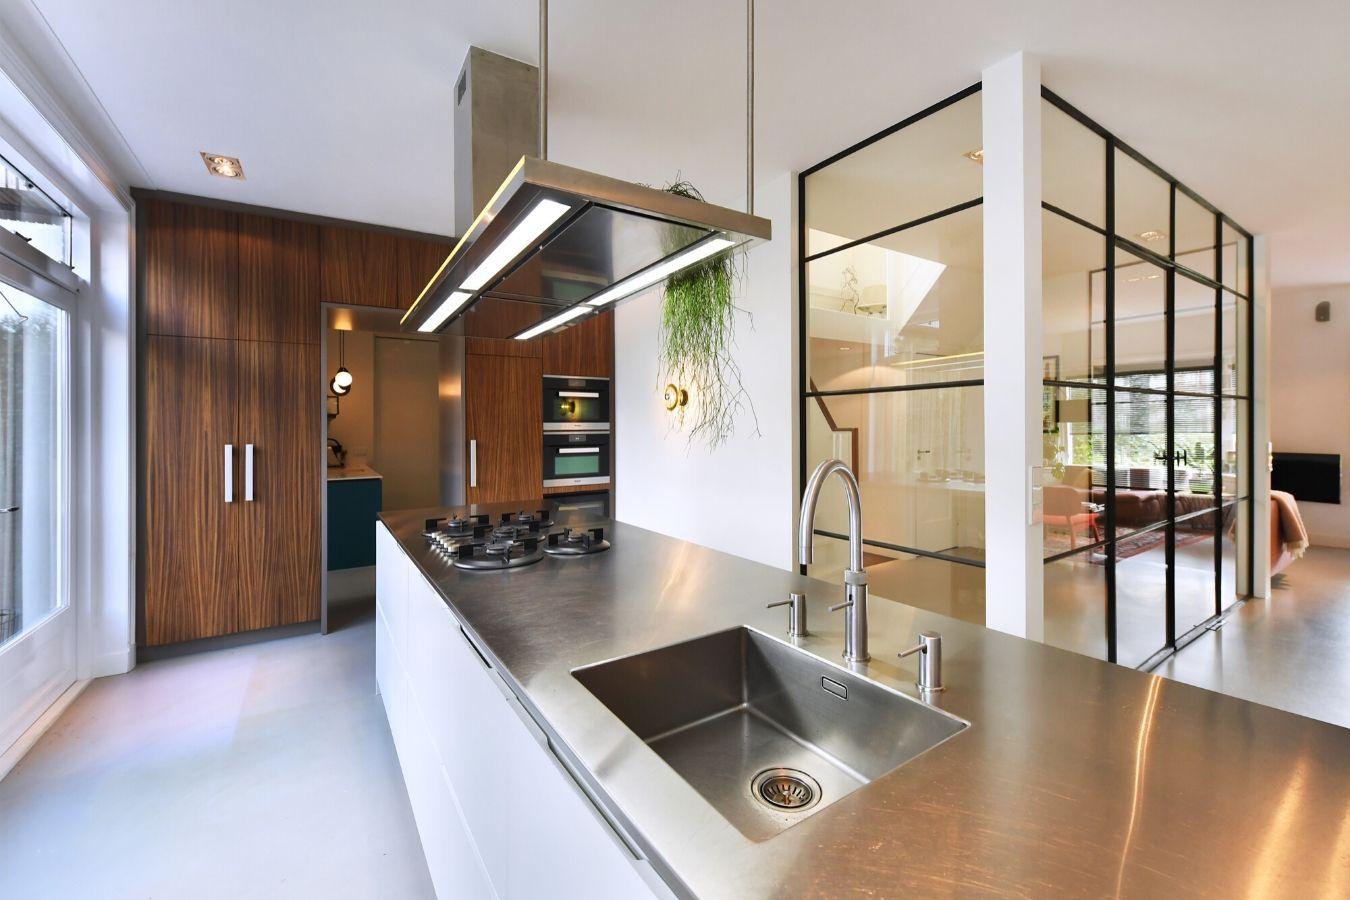 stalen deuren met ranke profielen in interieur Zeist, exclusieve metalen deuren